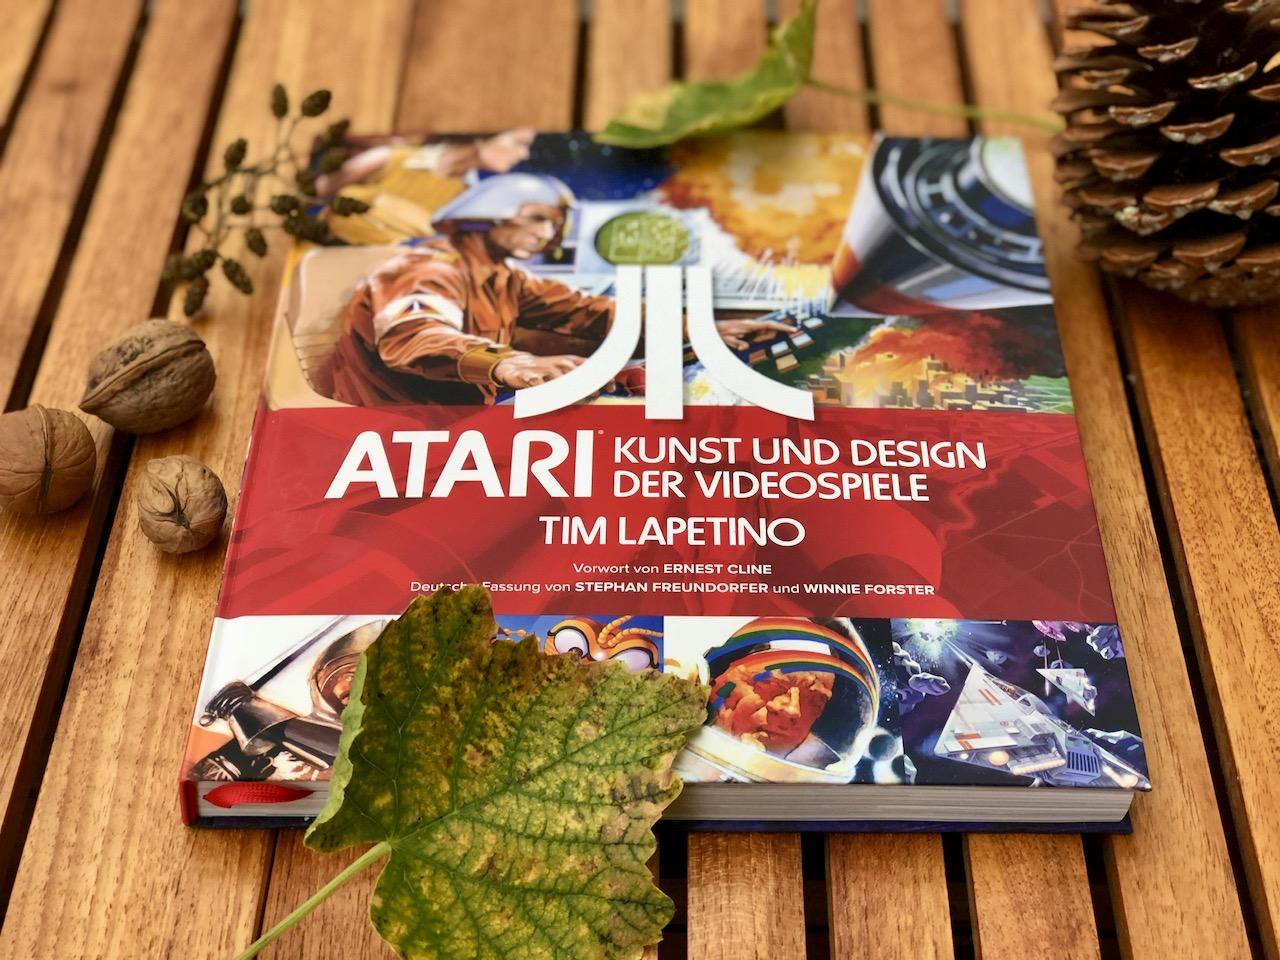 """""""ATARI: Kunst und Design der Videospiele"""" ist der perfekte Schmöker für den Herbst und Winter. (Bild: André Eymann)"""